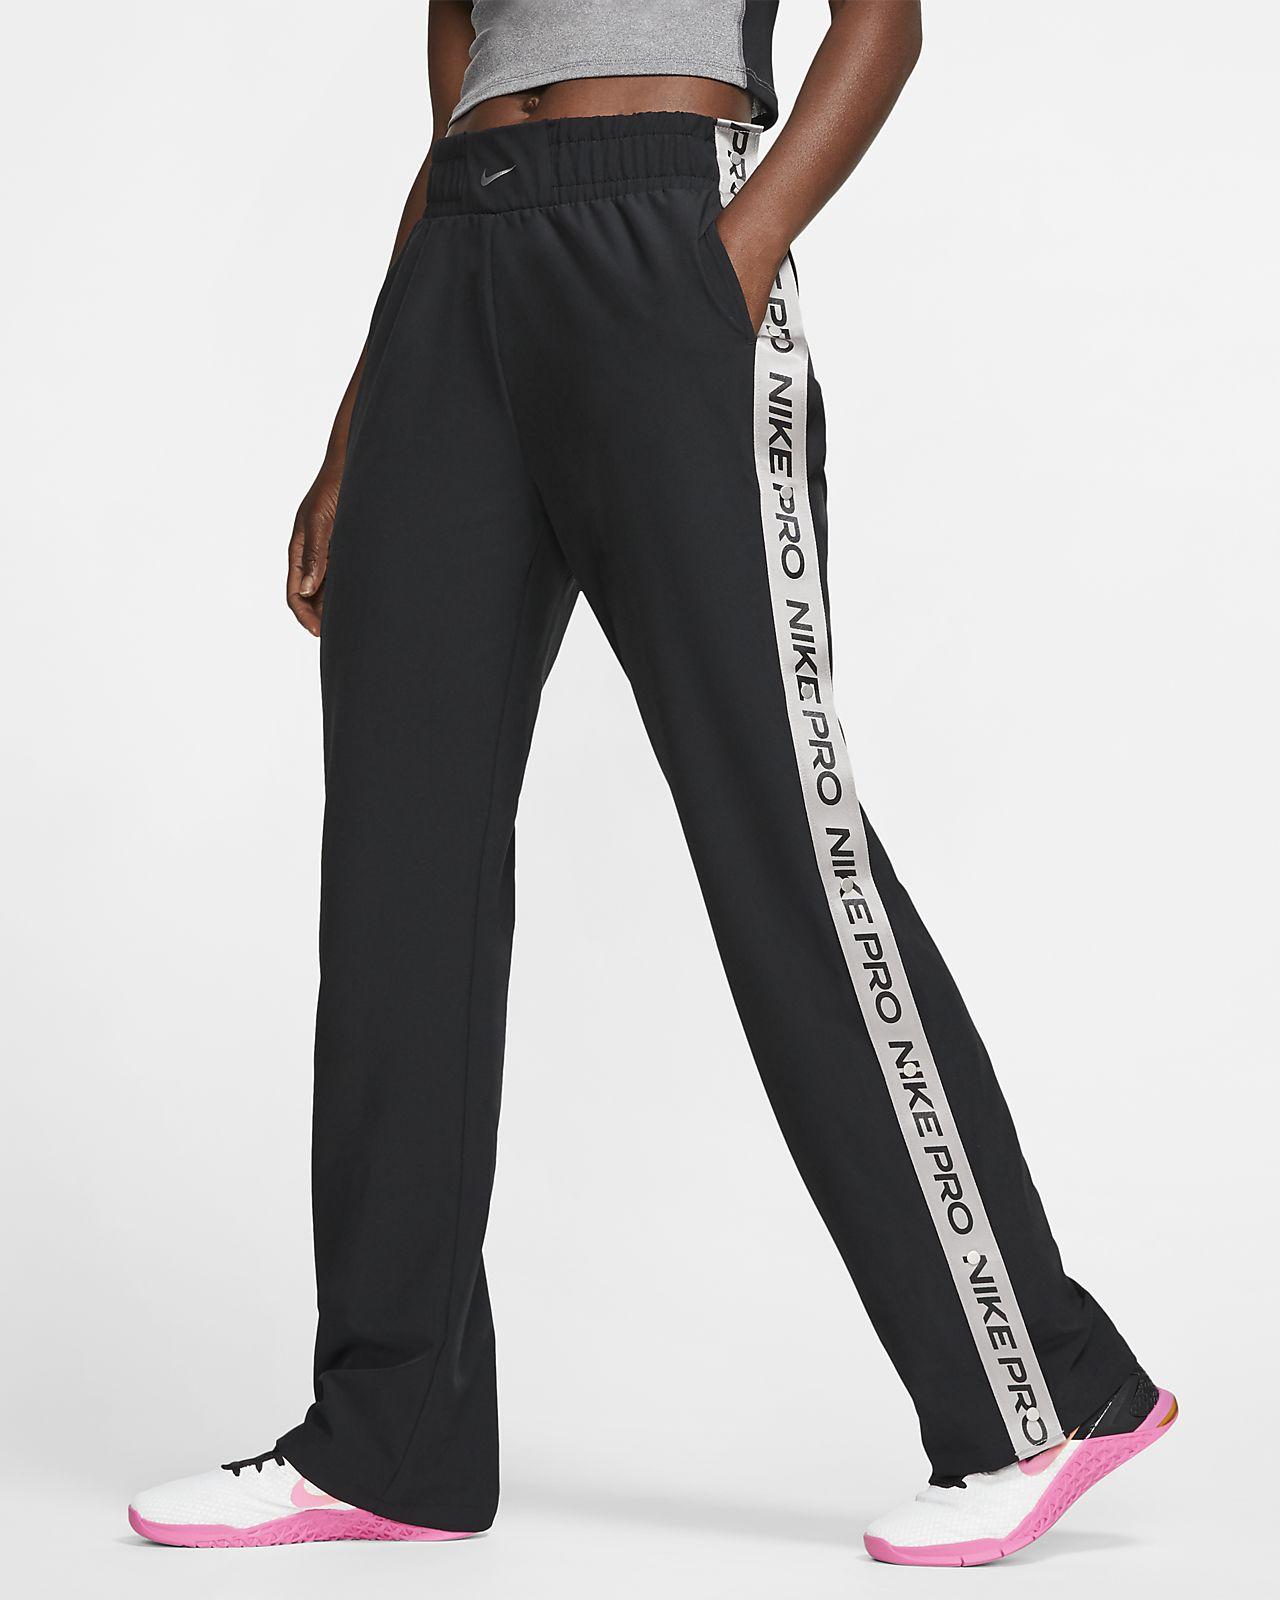 venta reino unido auténtico atractivo y duradero Nike Pro Pantalón con botones a presión - Mujer